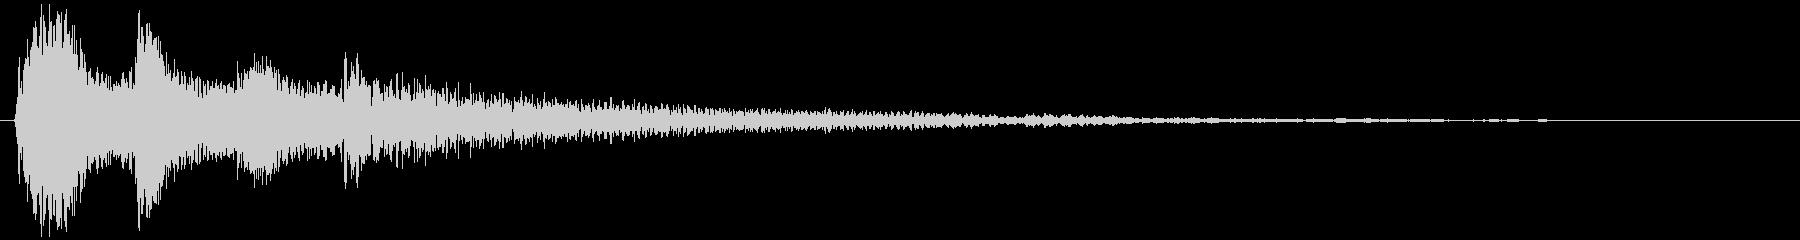 さりげない ピアノのサウンドロゴの未再生の波形